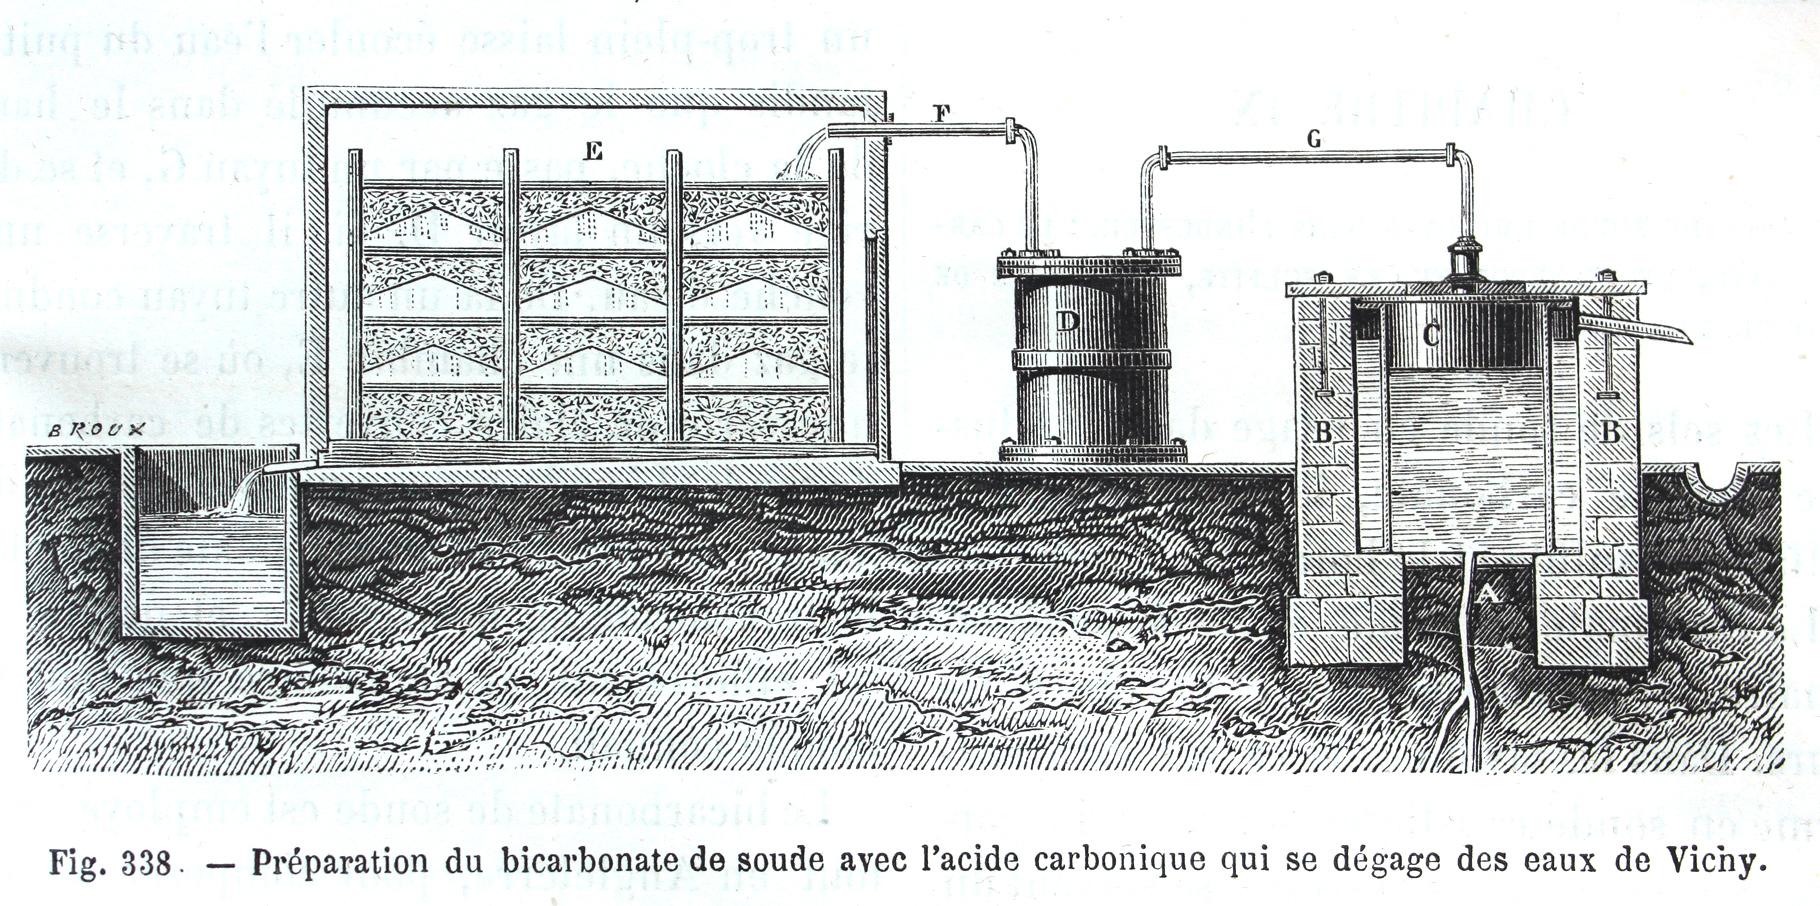 production de bicarbonate de soude